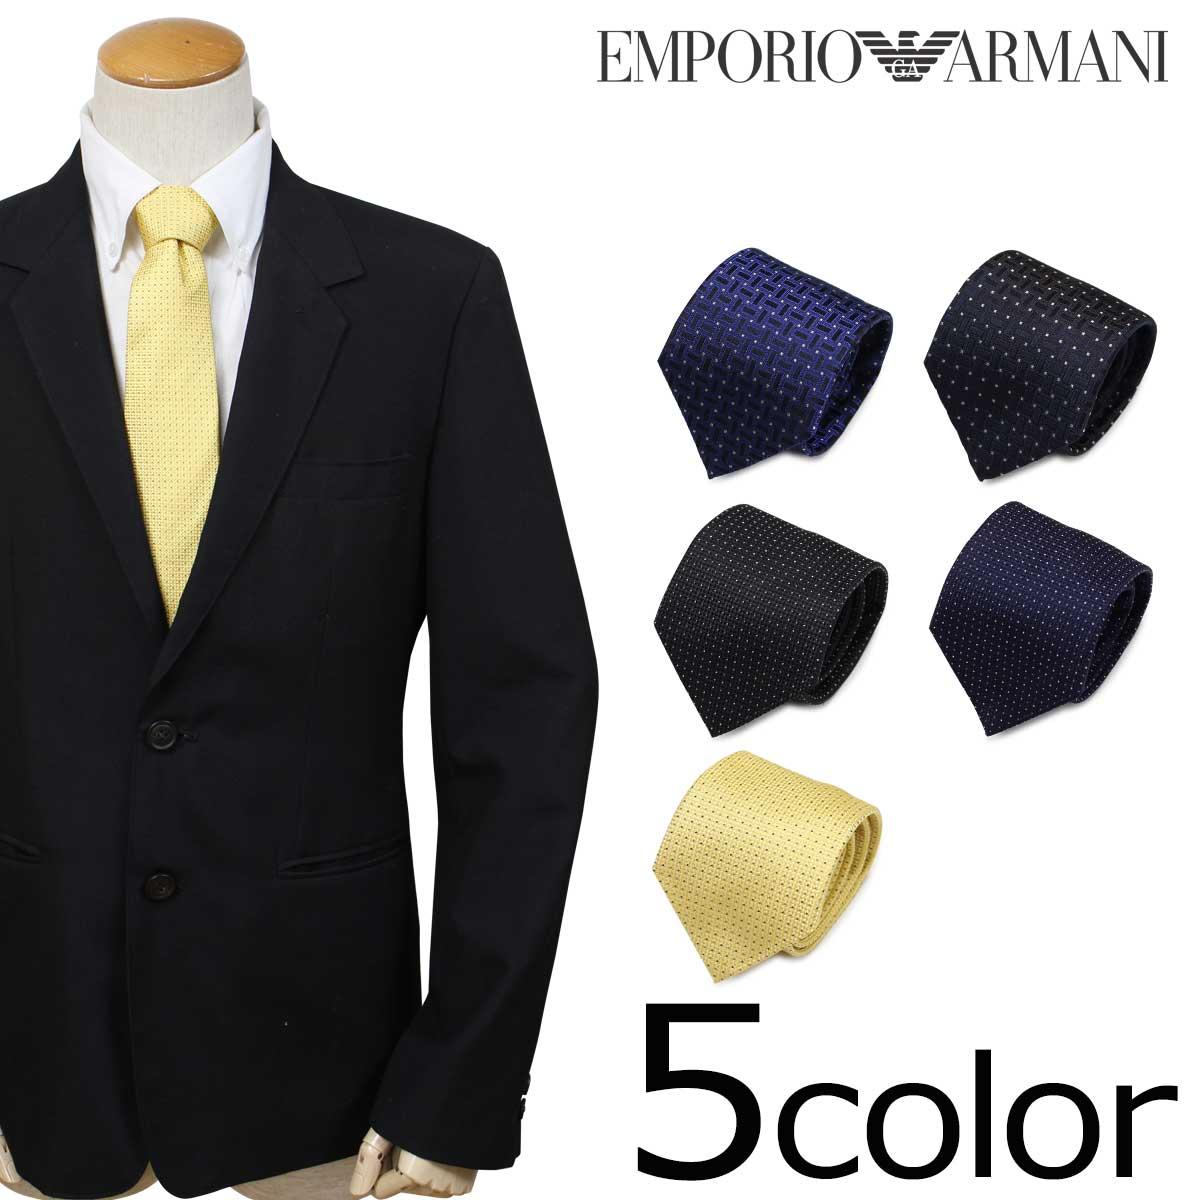 EMPORIO ARMANI エンポリオ アルマーニ ネクタイ イタリア製 シルク ビジネス 結婚式 メンズ